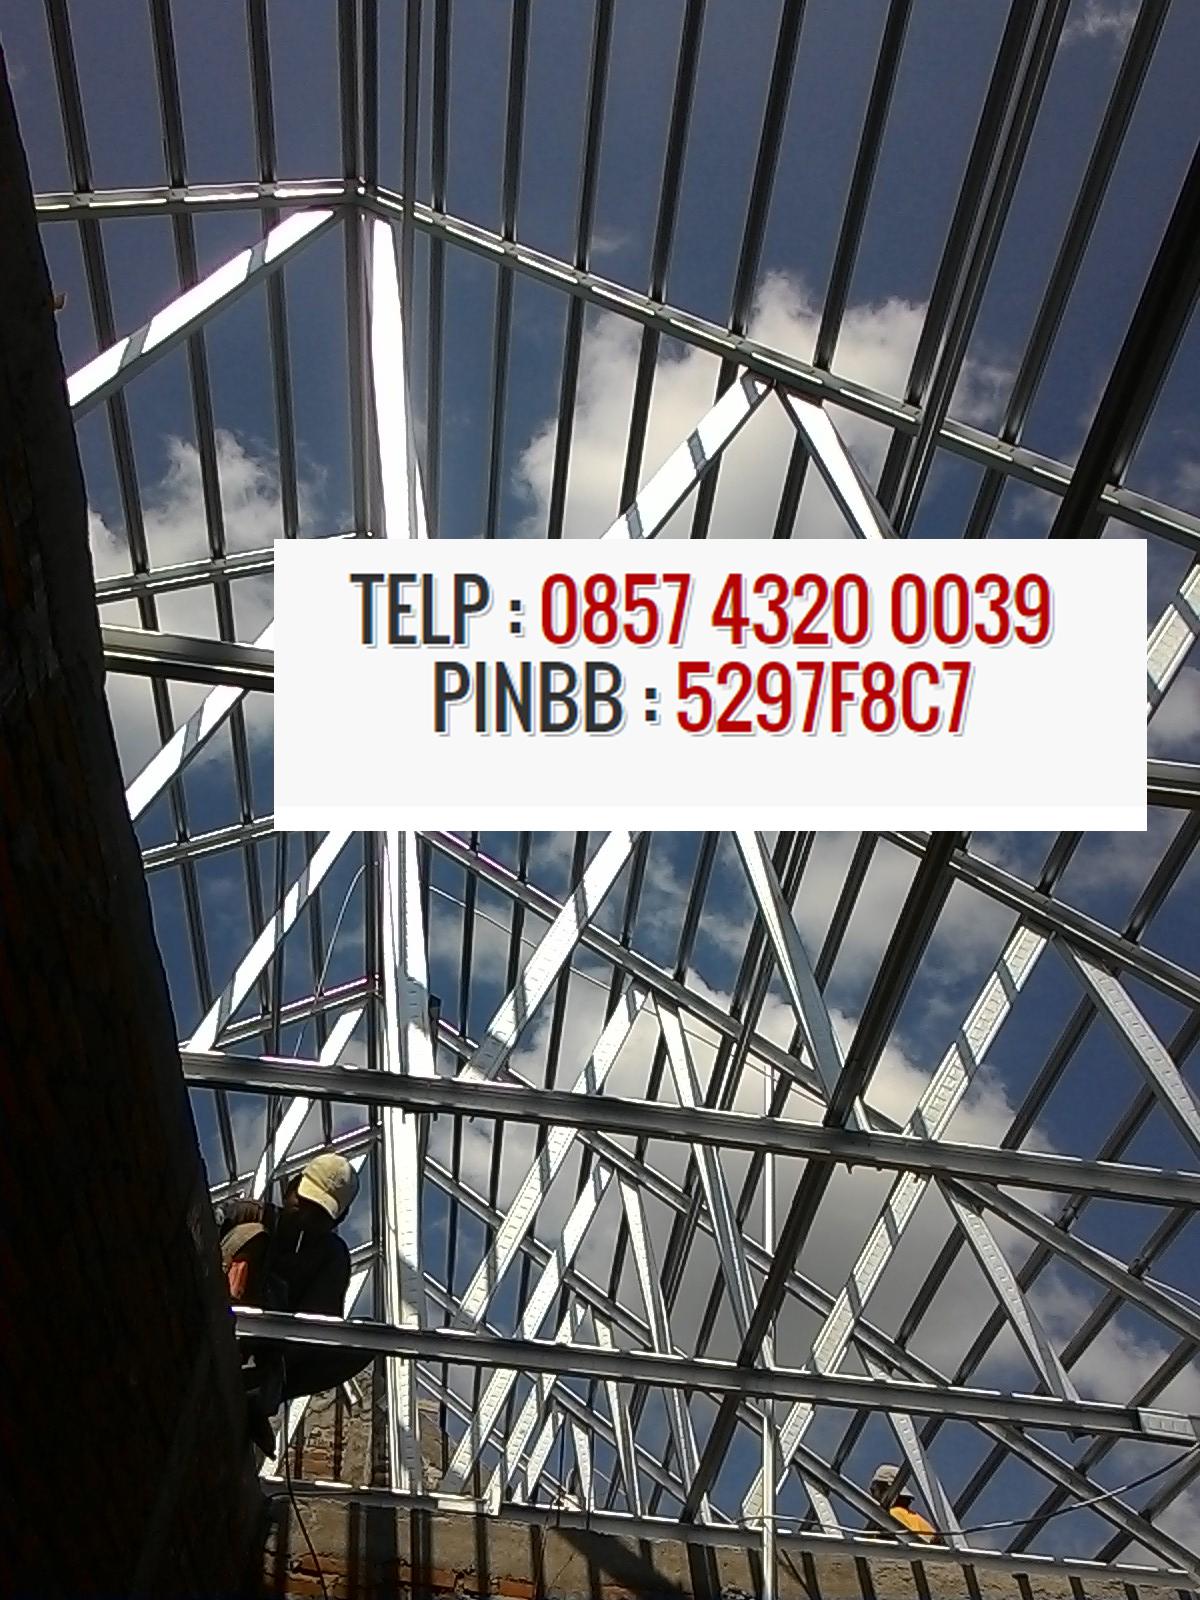 harga baja ringan merk 2016 per batang 085743200039